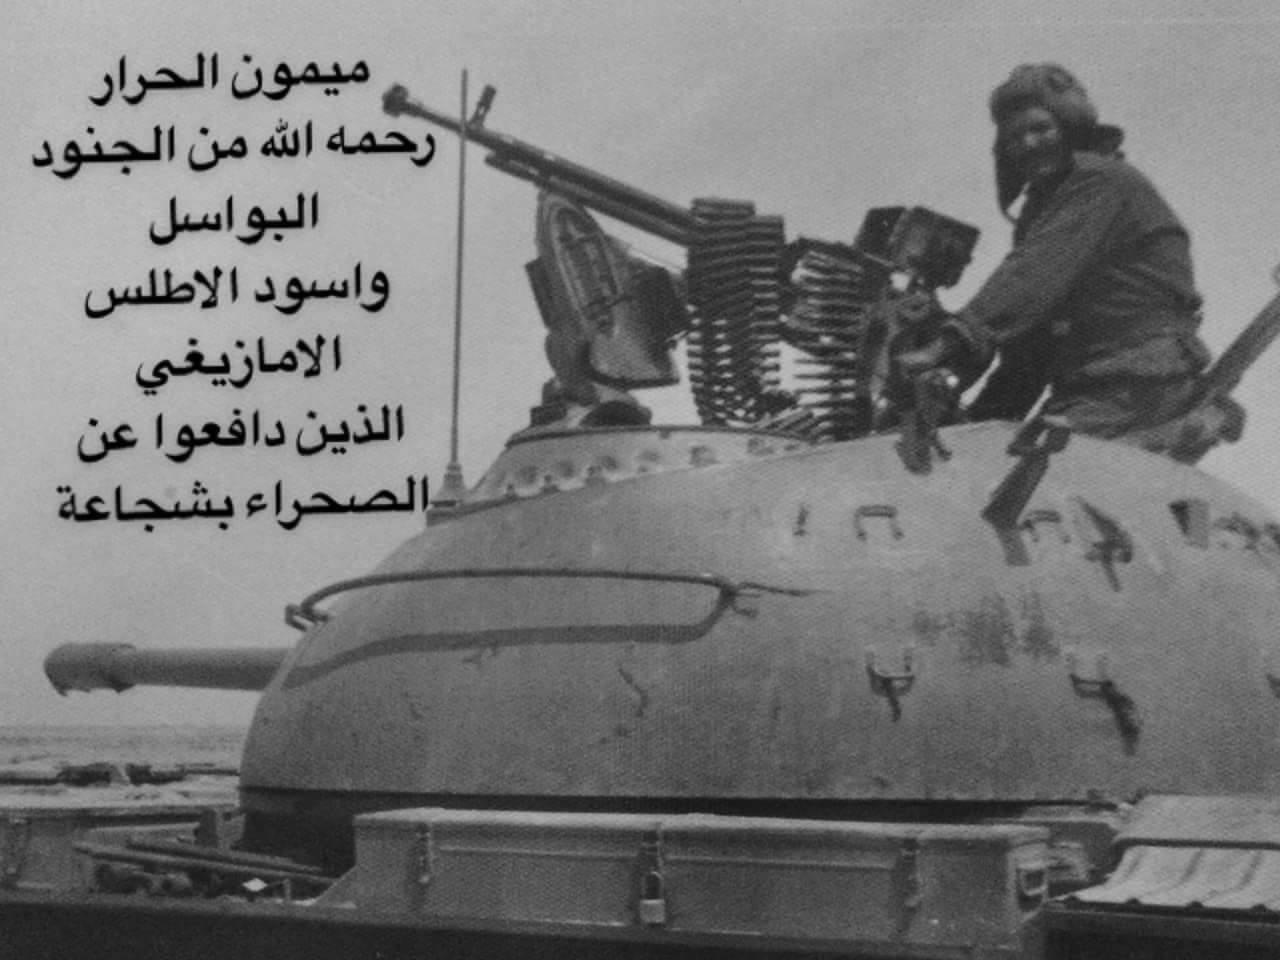 Le conflit armé du sahara marocain - Page 11 Clipb397